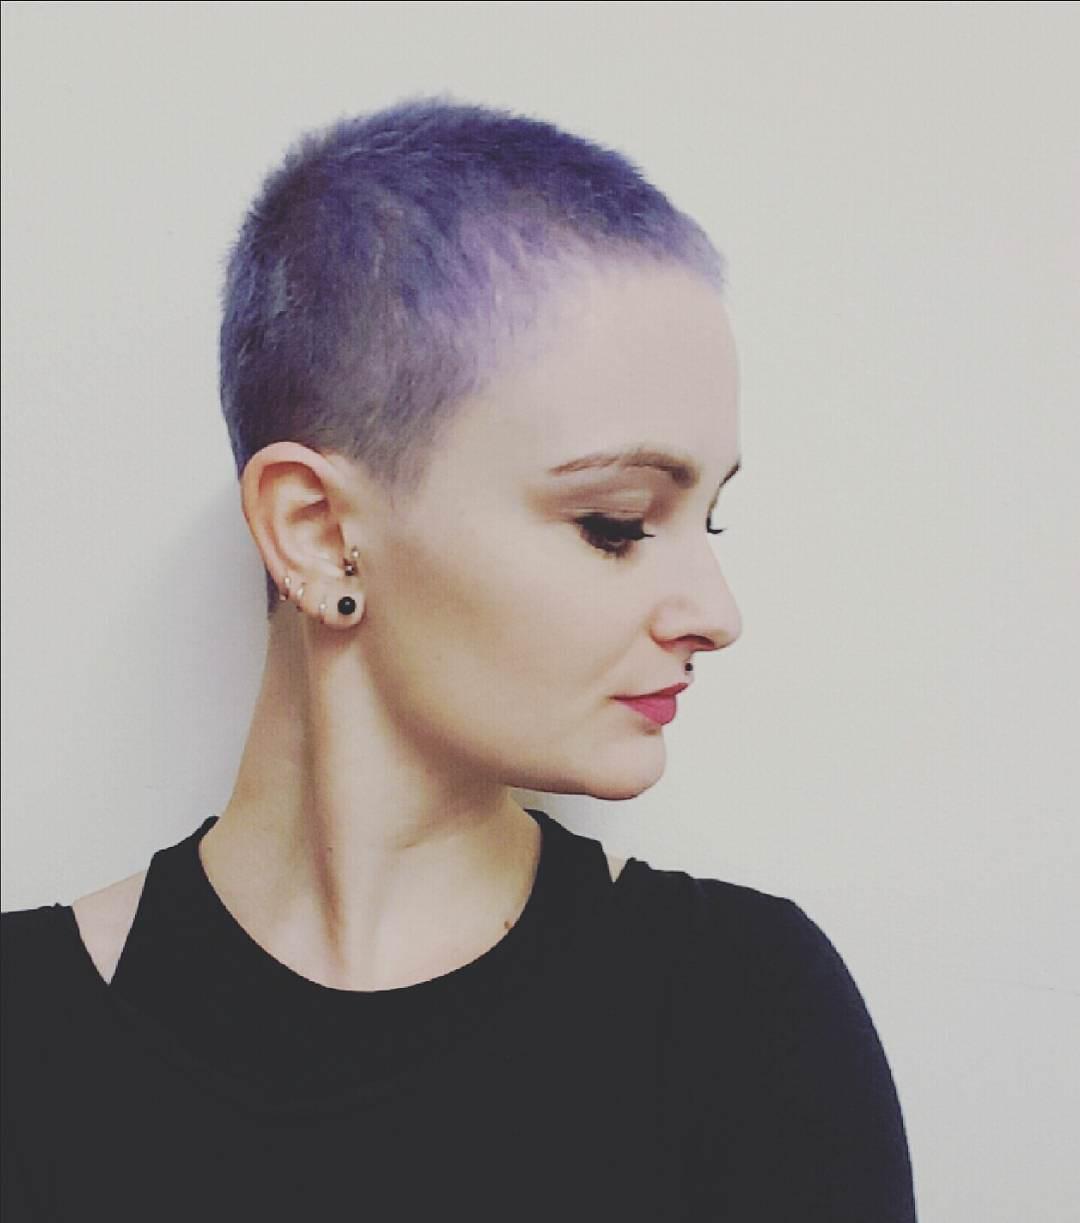 24 Balding Haircut Ideas Designs  Hairstyles  Design